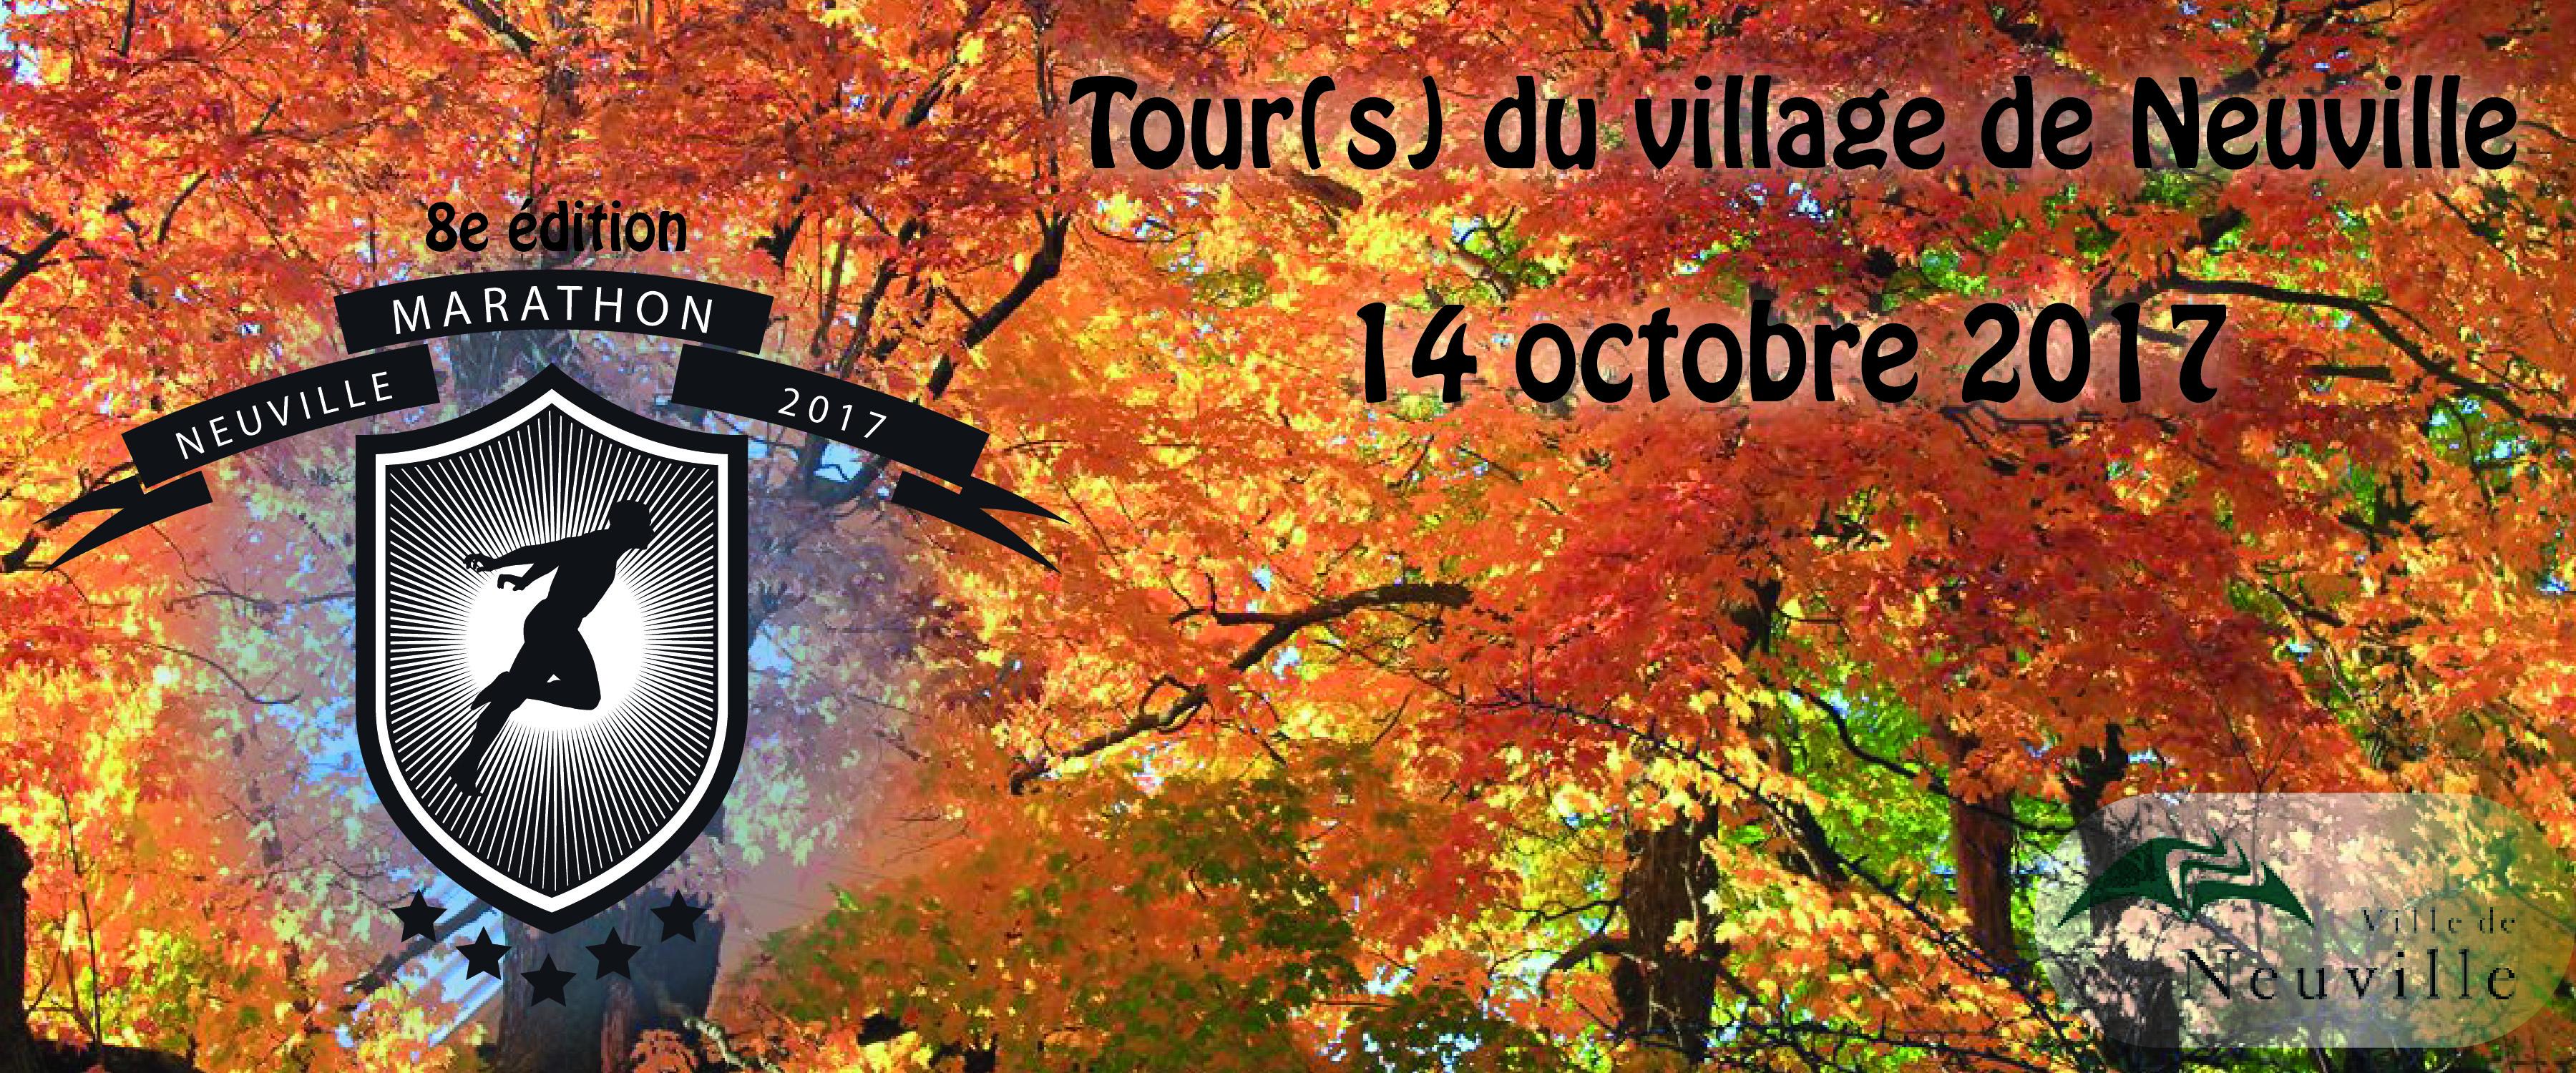 Tour du Village de Neuville